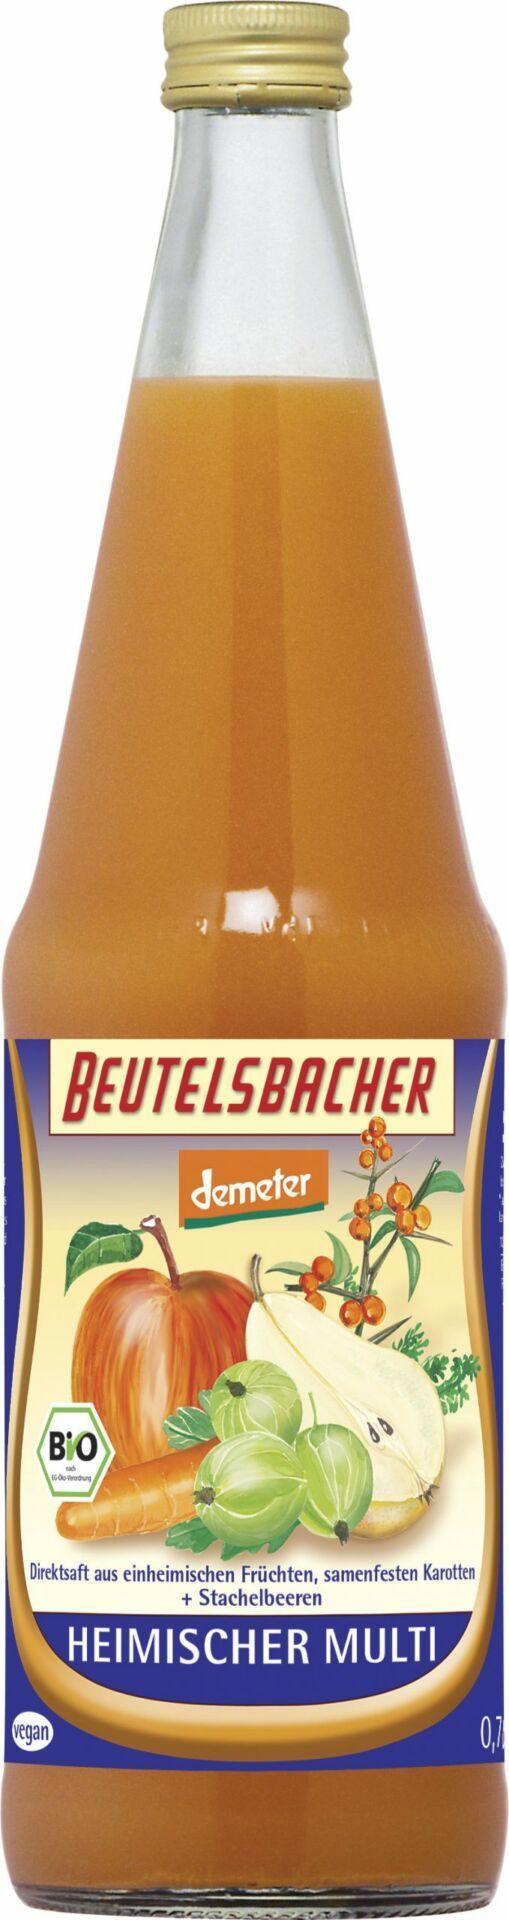 BEUTELSBACHER Demeter Heimischer Multi 6x0,7l